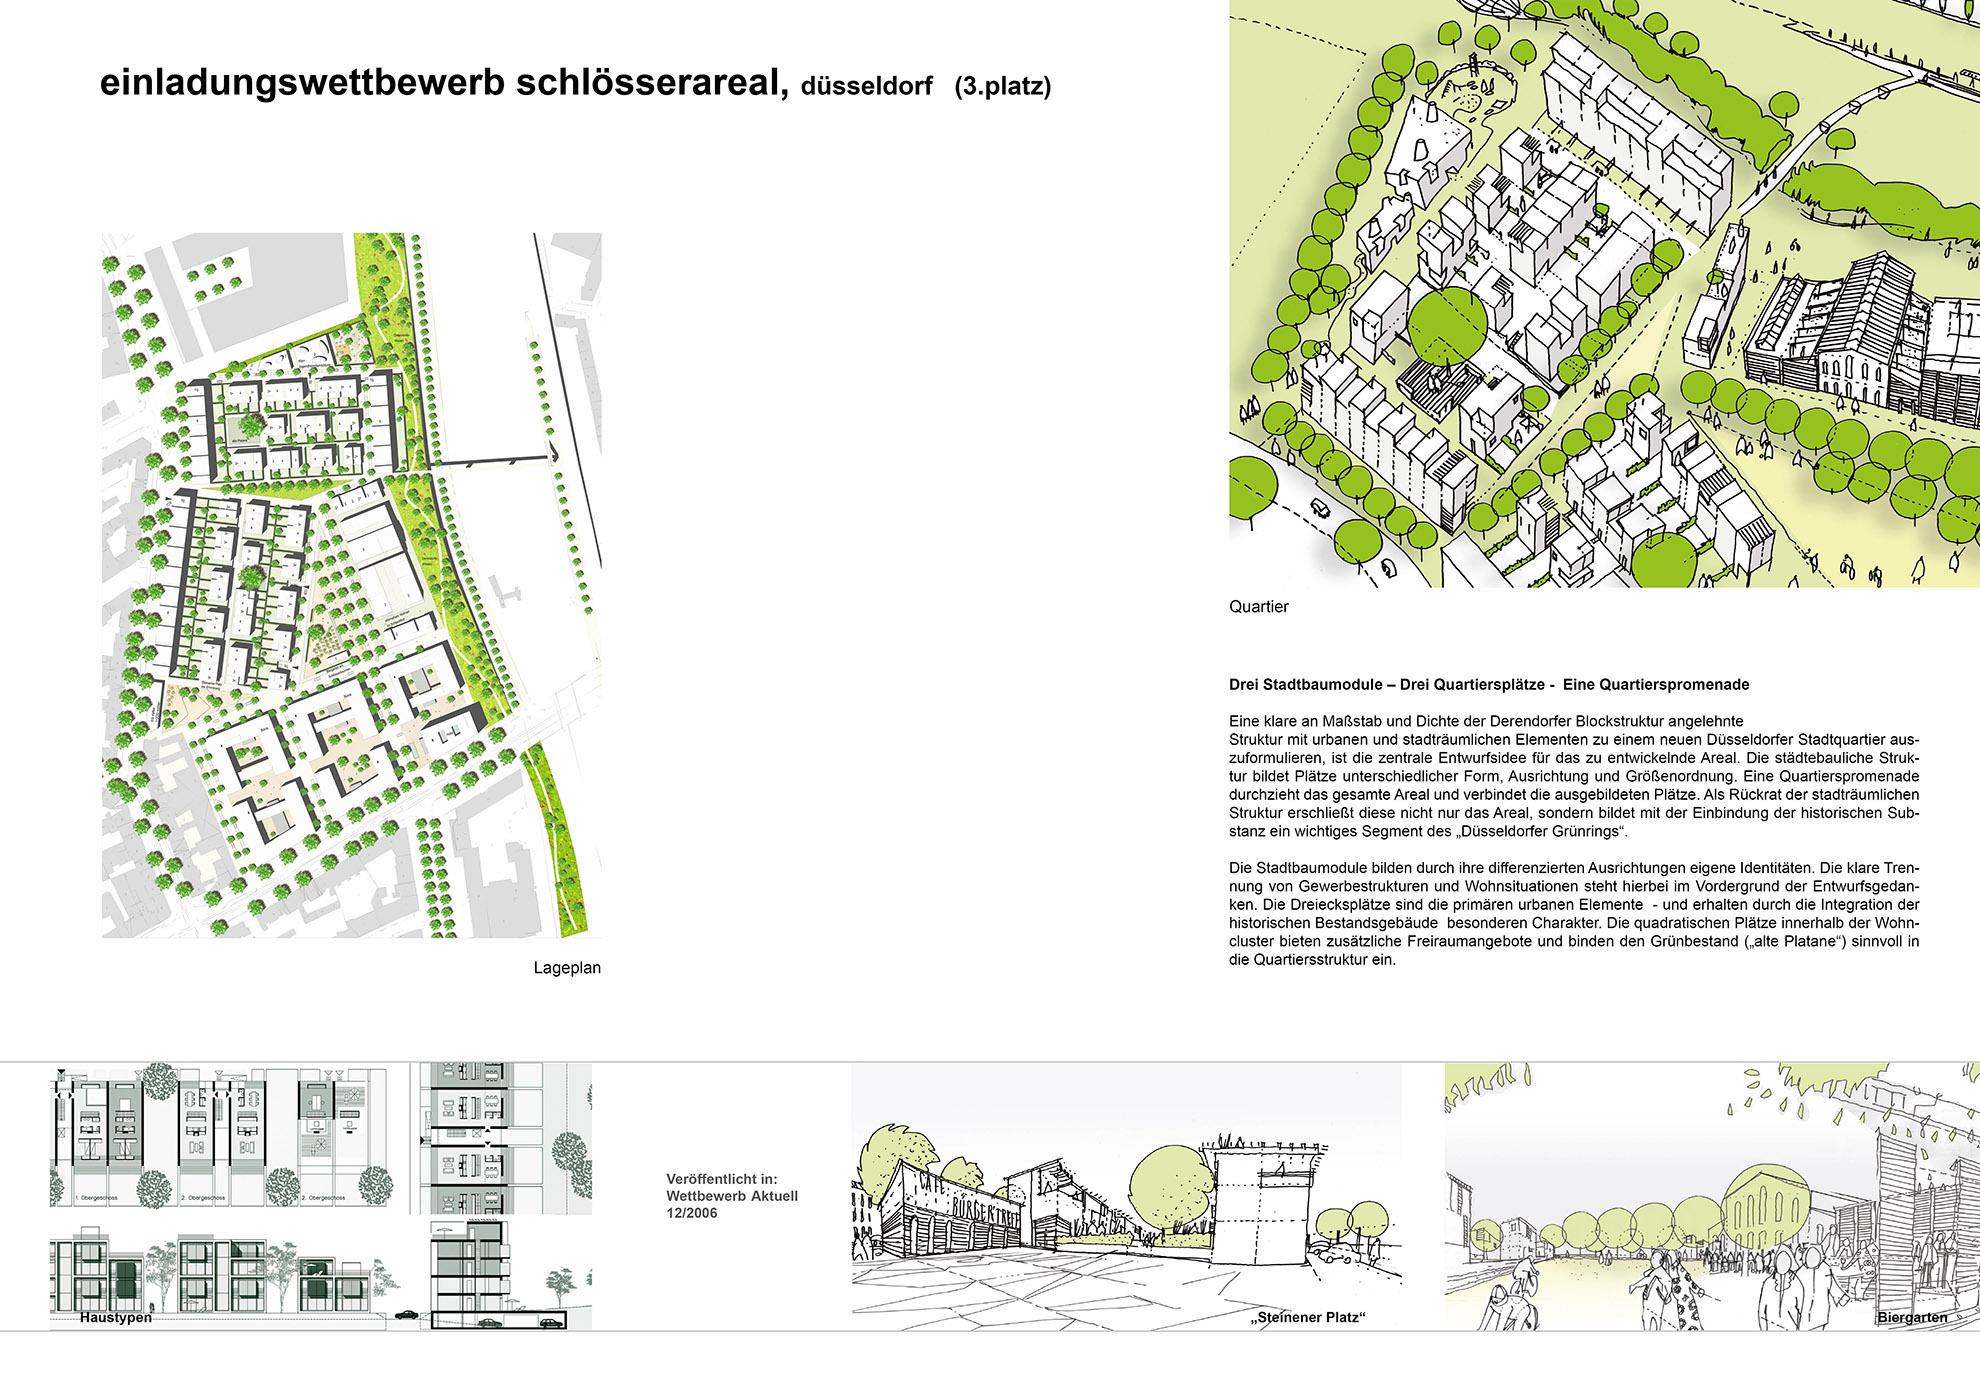 20070215-a3-projektmappe12_1980_neu